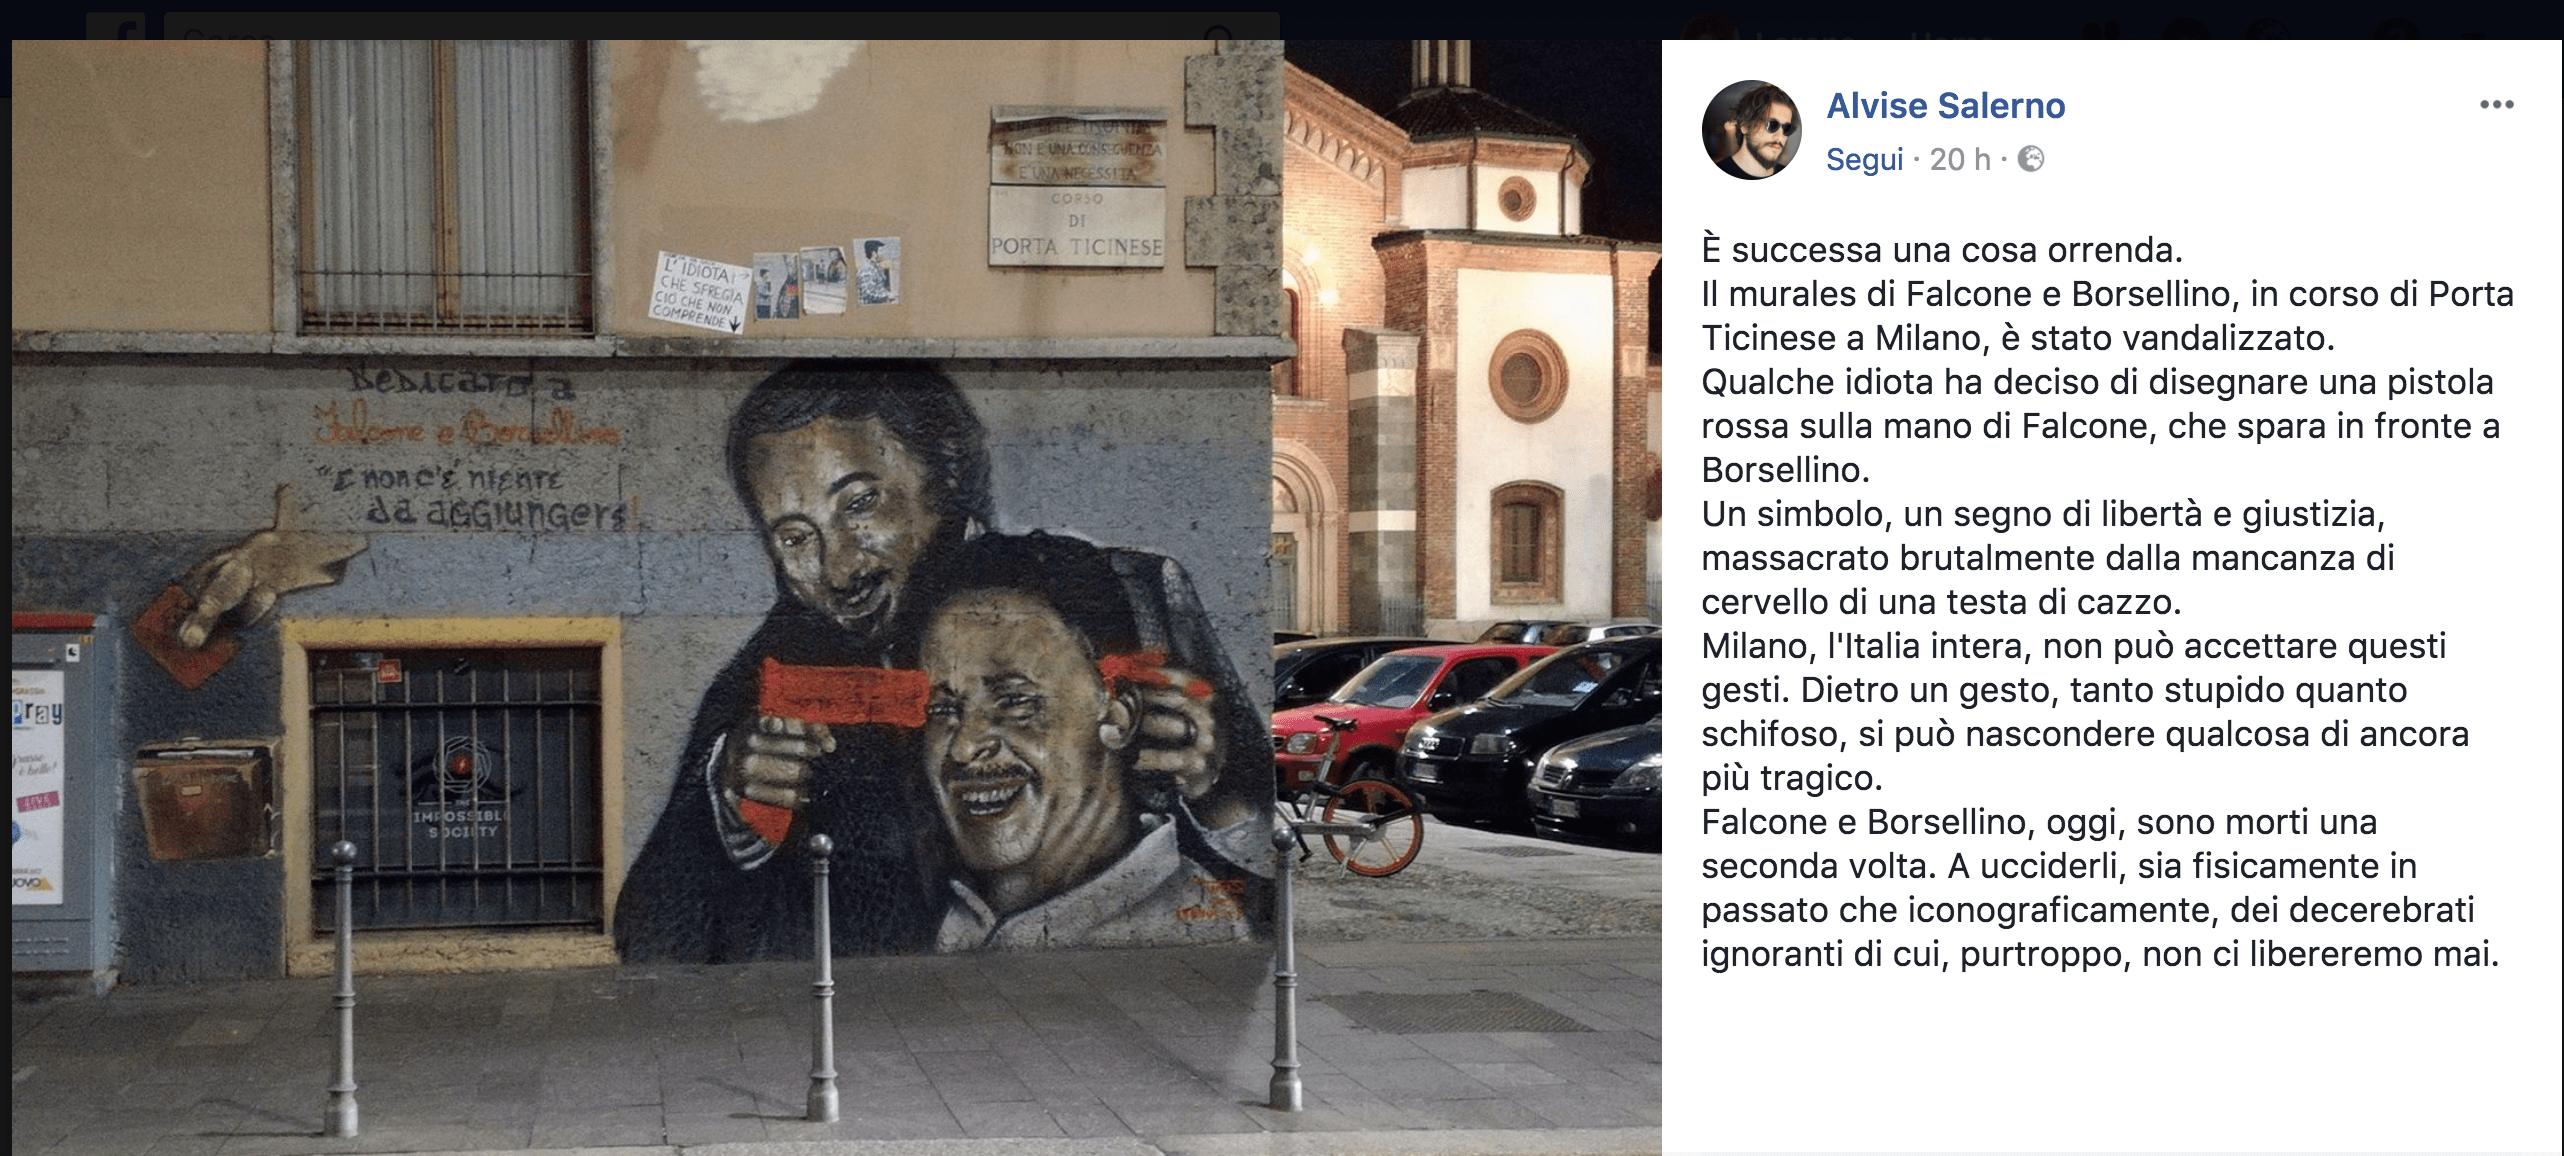 Falcone e Borsellino, oltraggiato e poi ripulito il murales a Milano